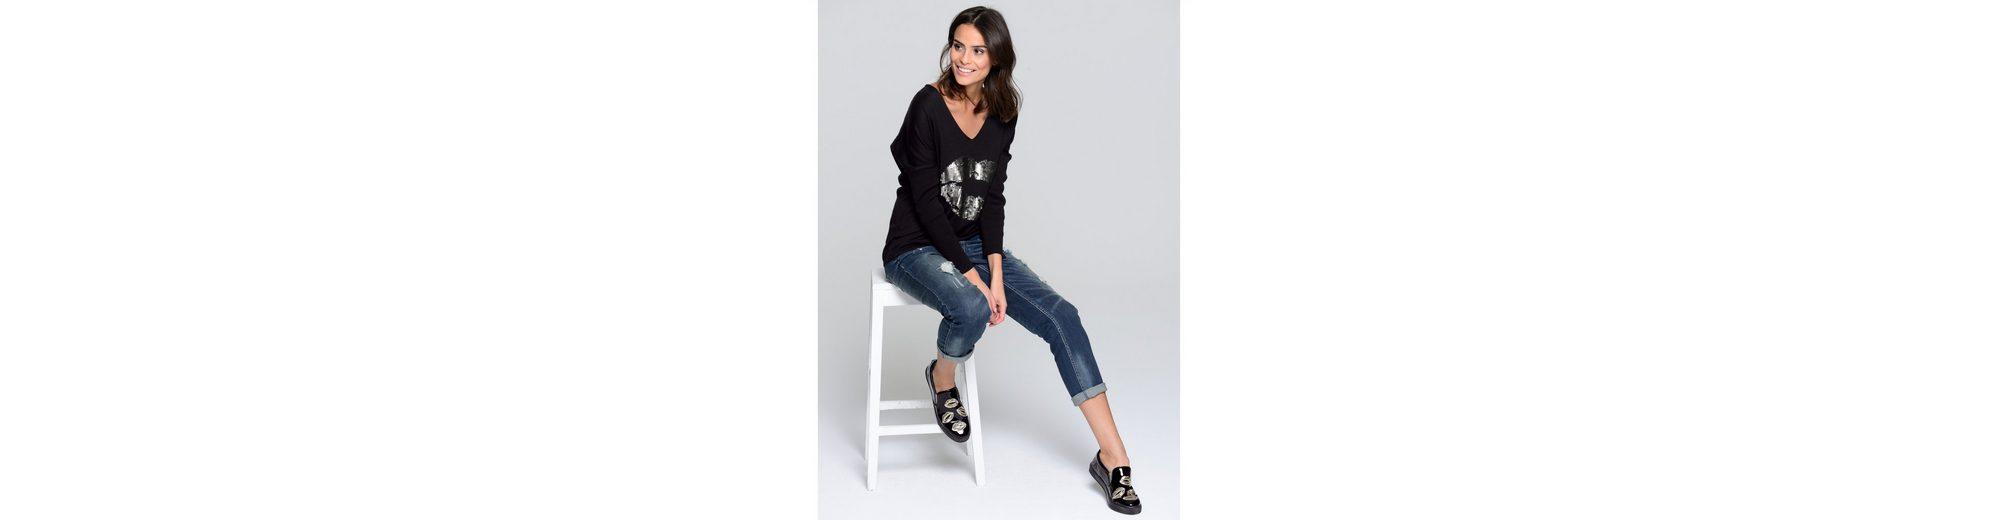 Spielraum Komfortabel Günstig Kauft Heißen Verkauf Alba Moda Jeans mit Destroyed-Effekten Limitierter Auflage Zum Verkauf eF0iWdB30